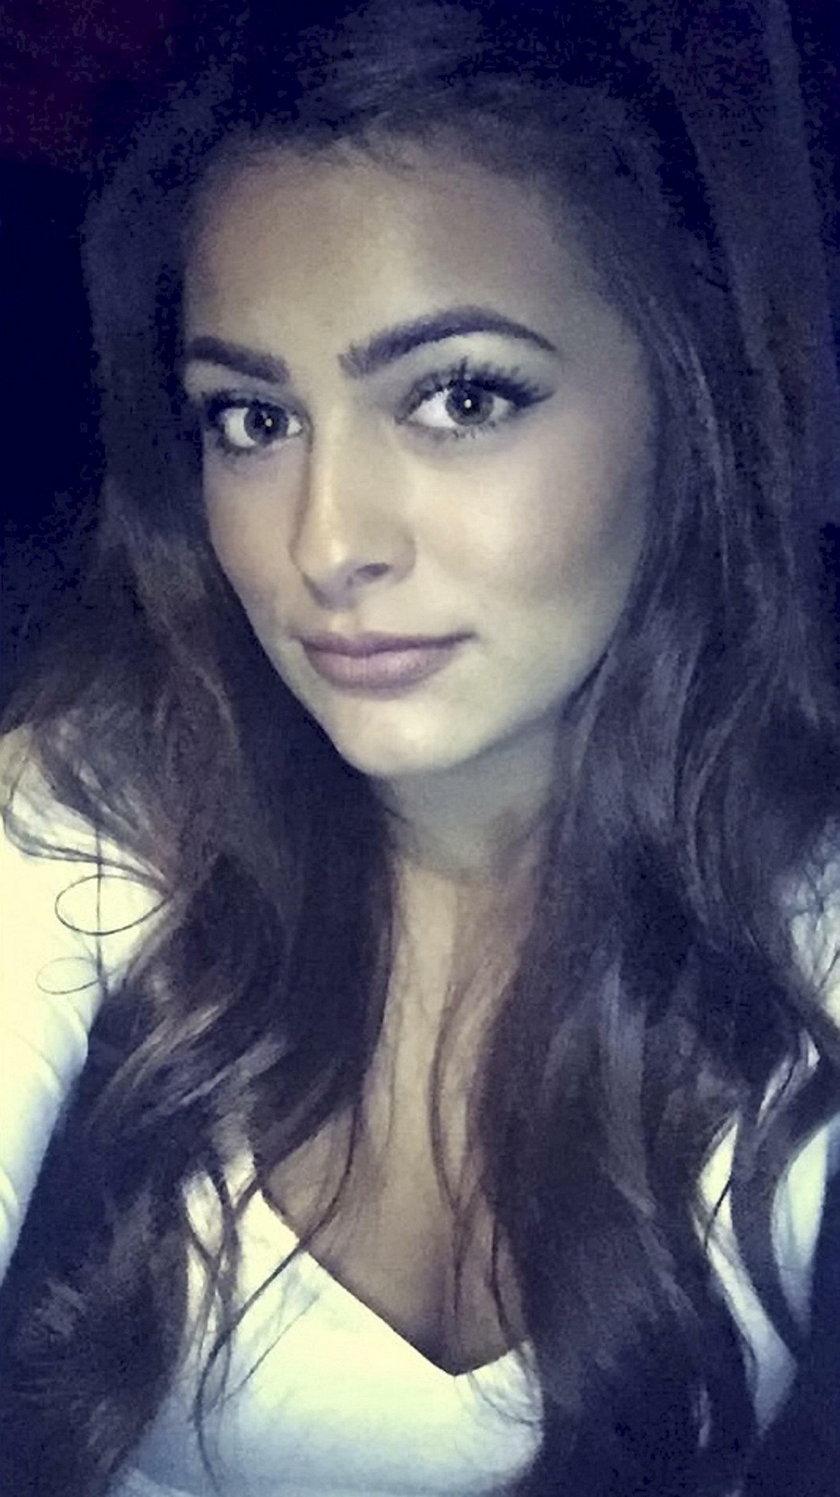 Piękna Jodie została znaleziona martwa w samochodzie